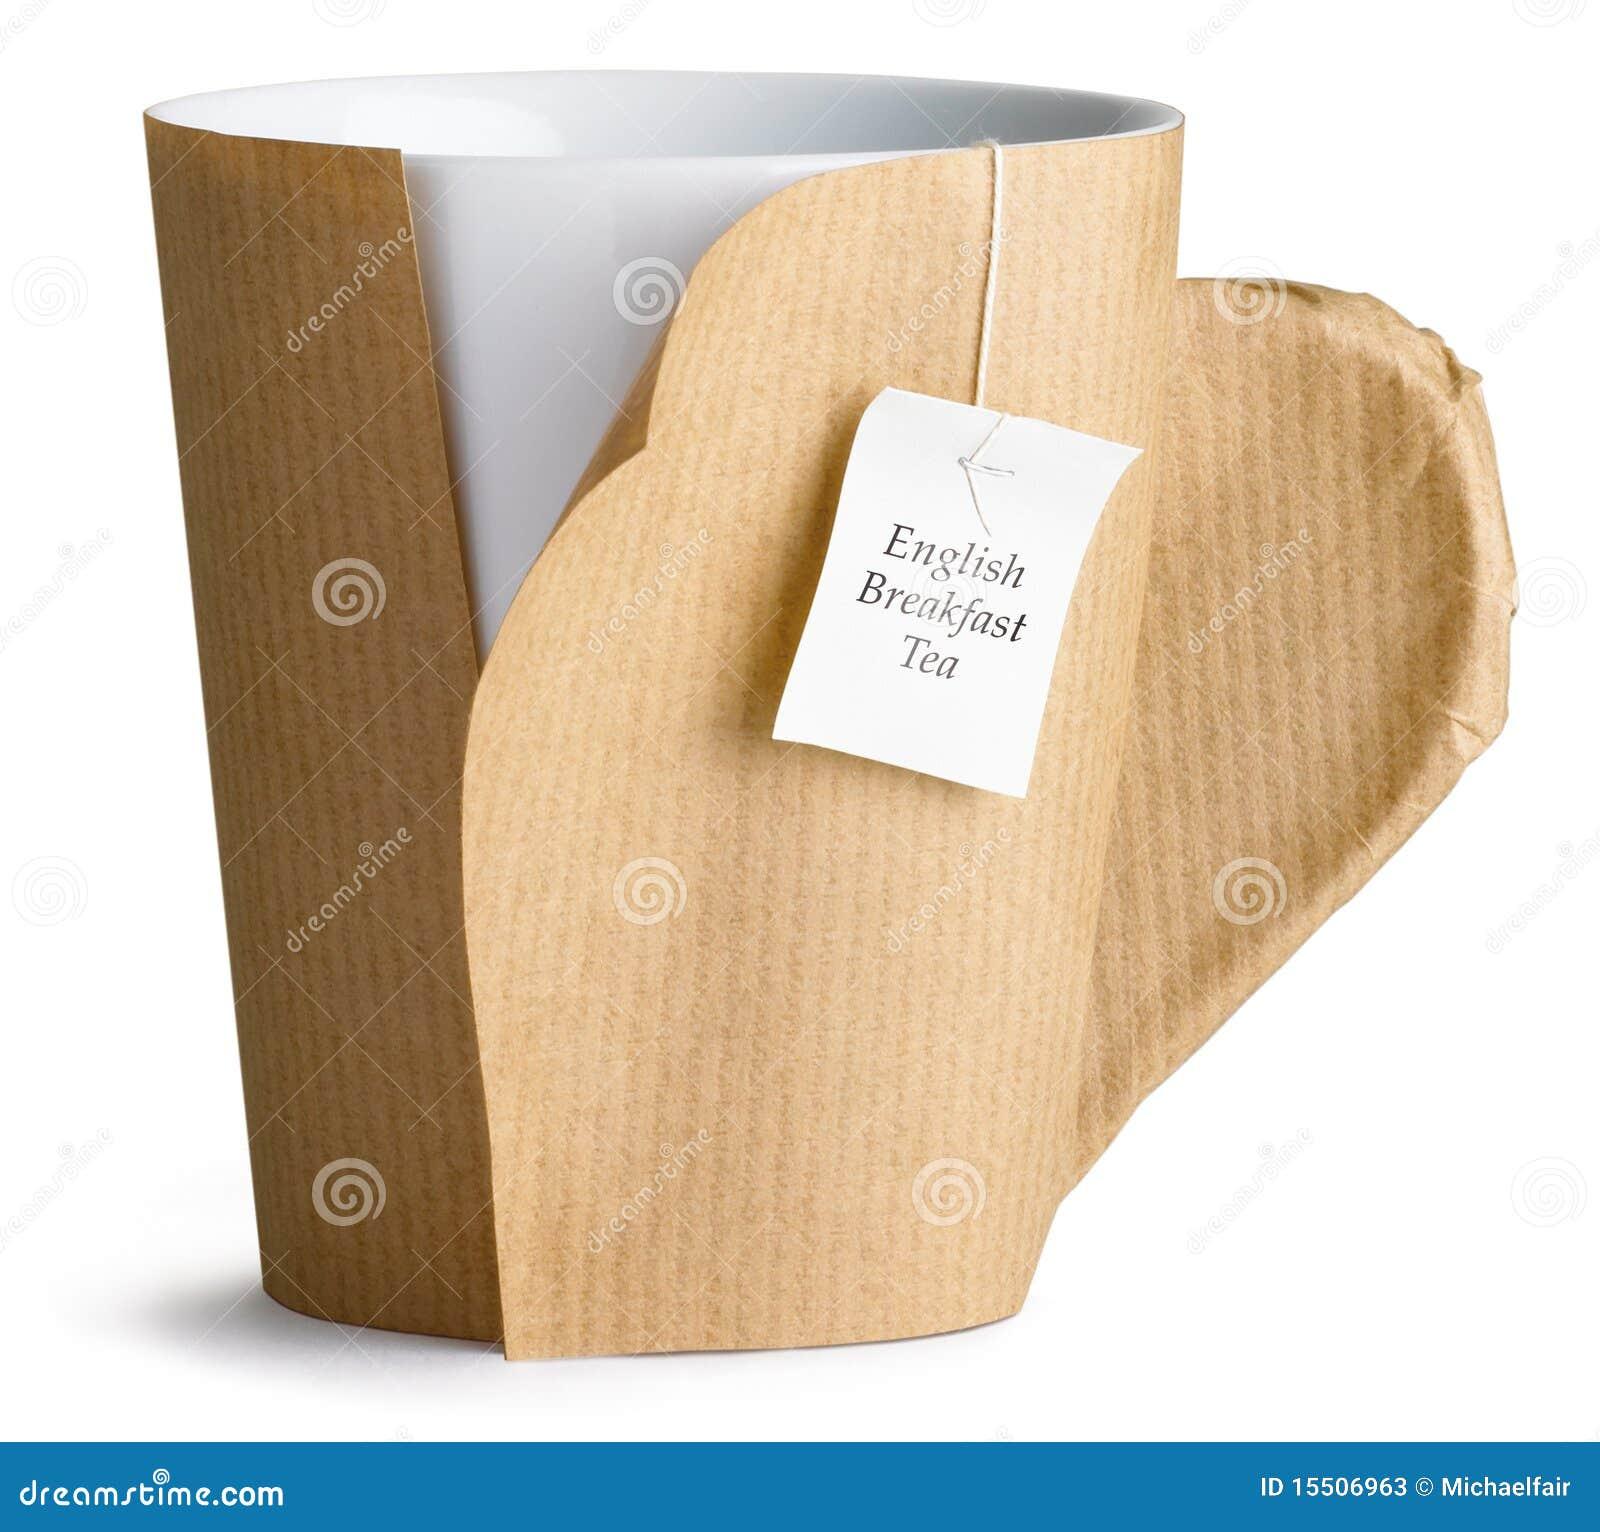 Kaffee, Tee, Cup, Becher eingewickelt oben im braunen Papier